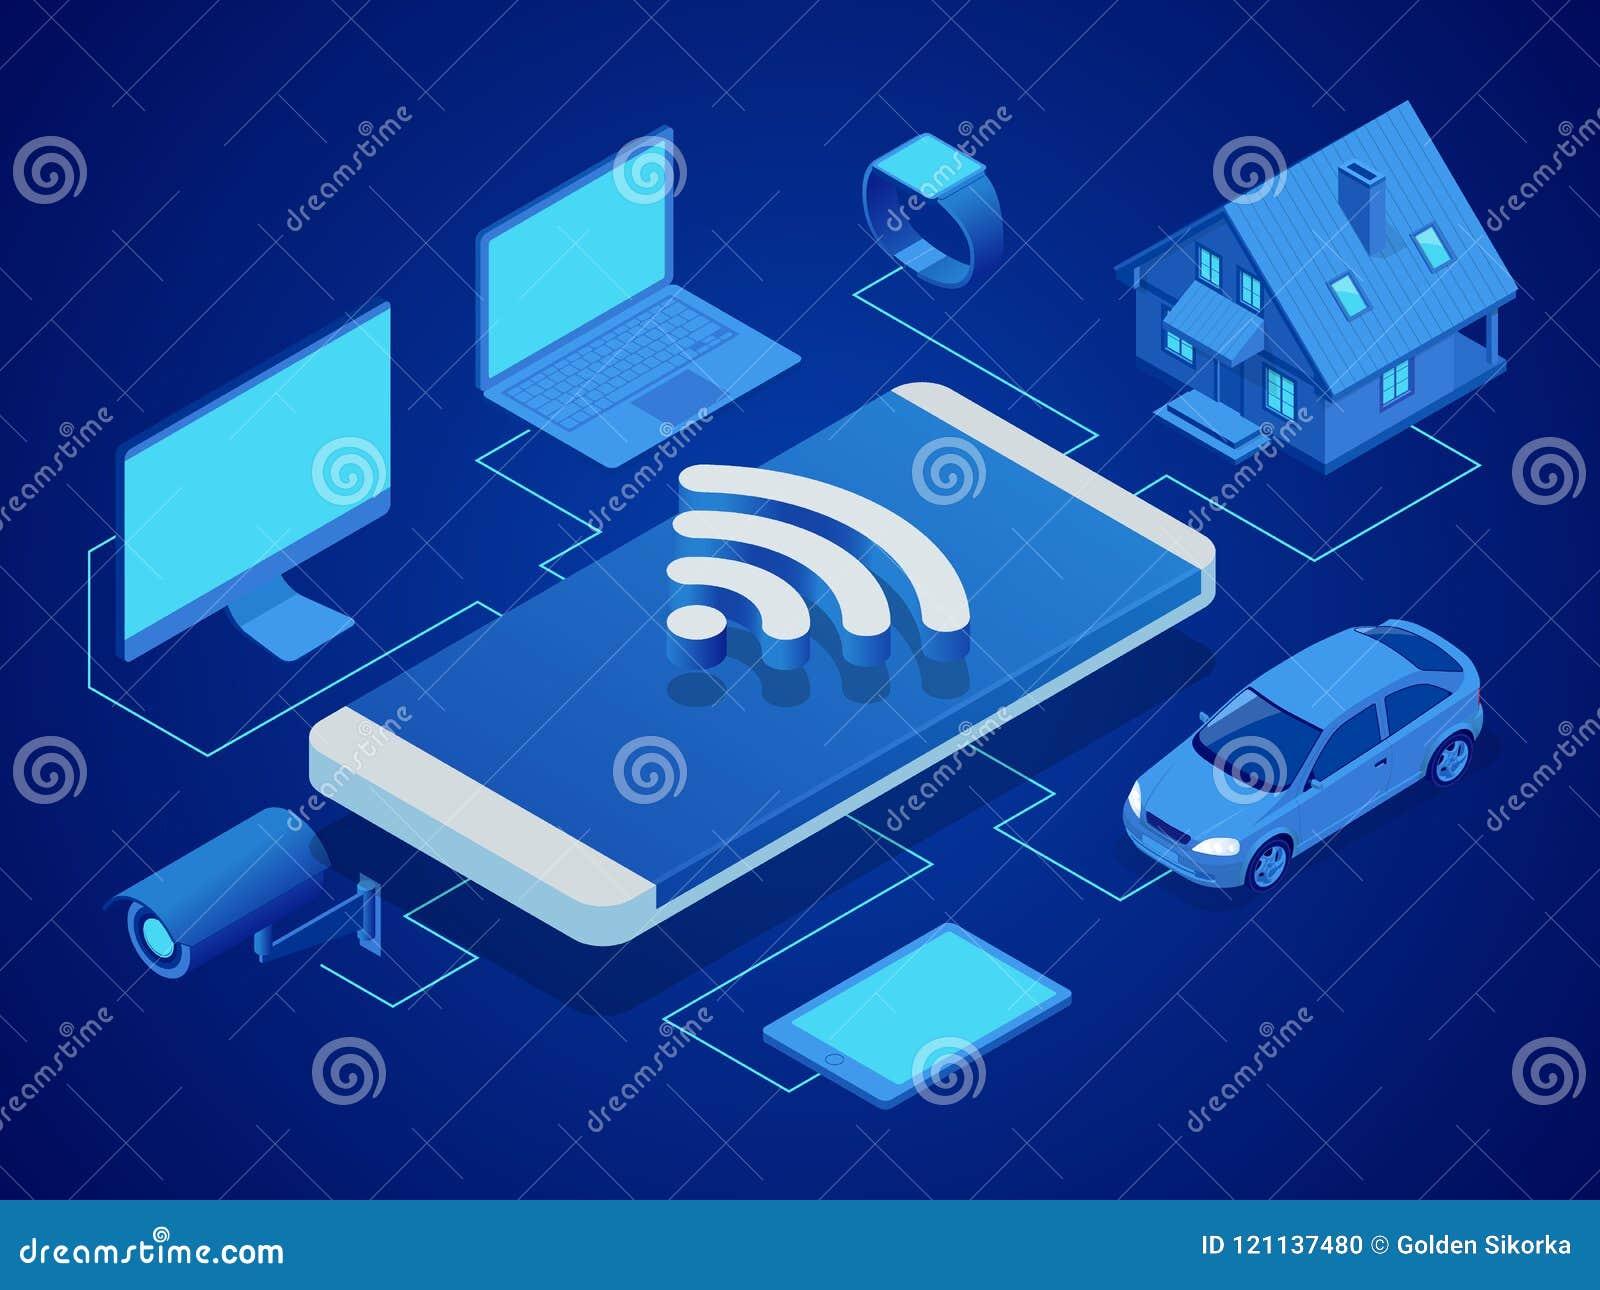 Technologie futée isométrique pour commander la maison, ordinateur, montre intelligente, machine, surveillance visuelle, comprimé